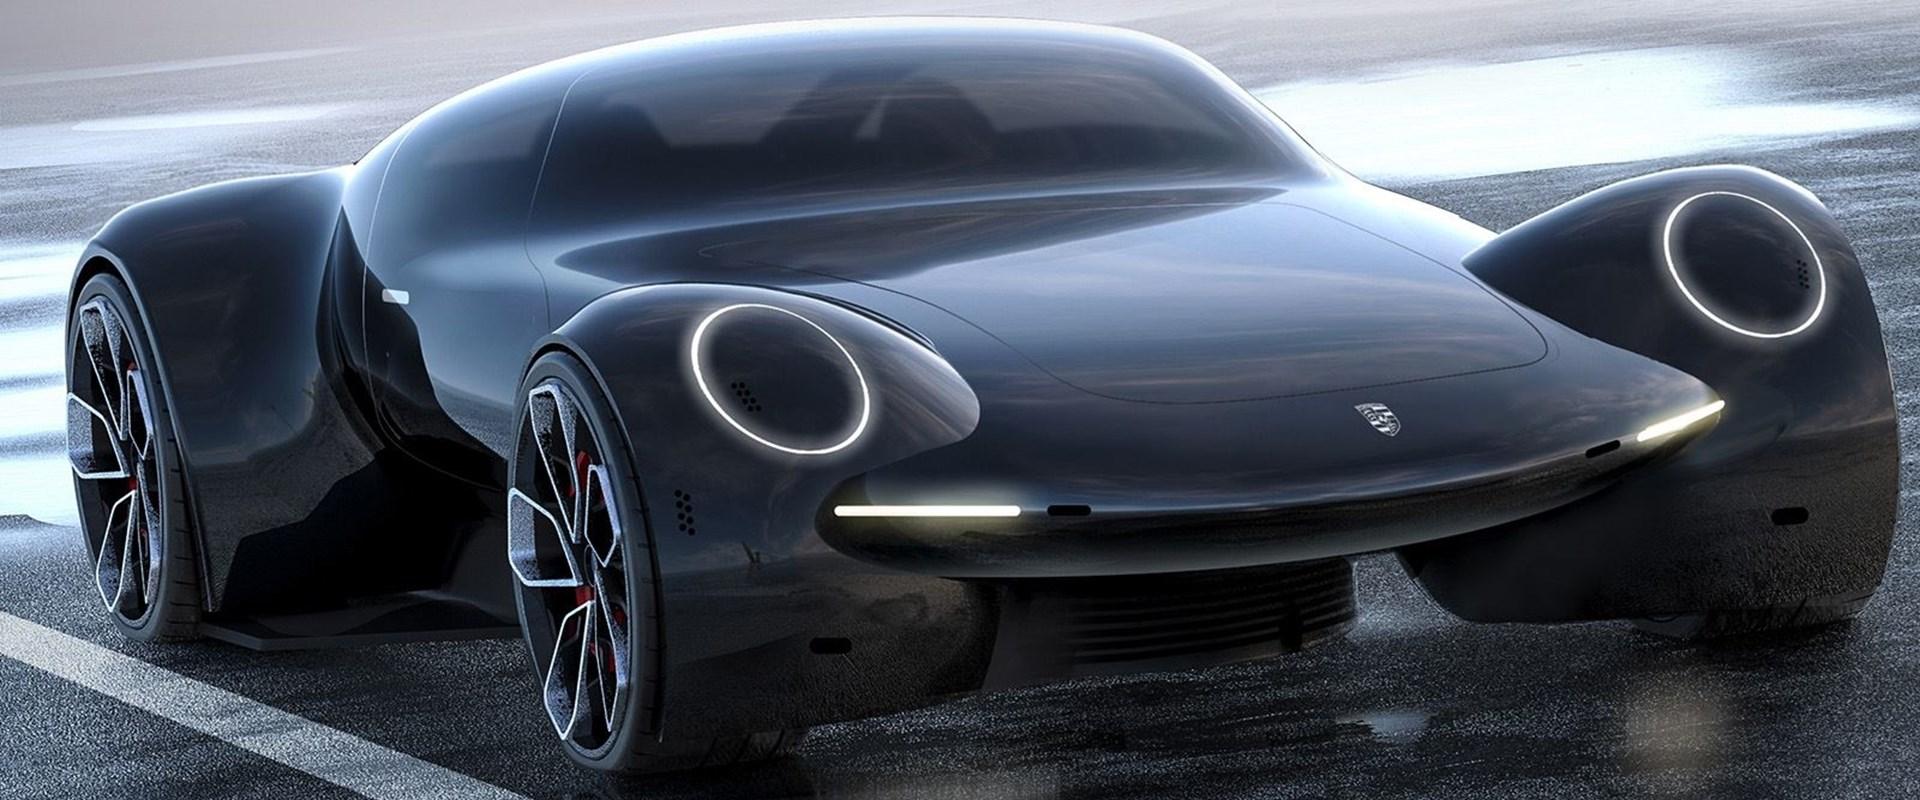 家用车造型普通,为什么不设计成更好看的超跑外形呢?